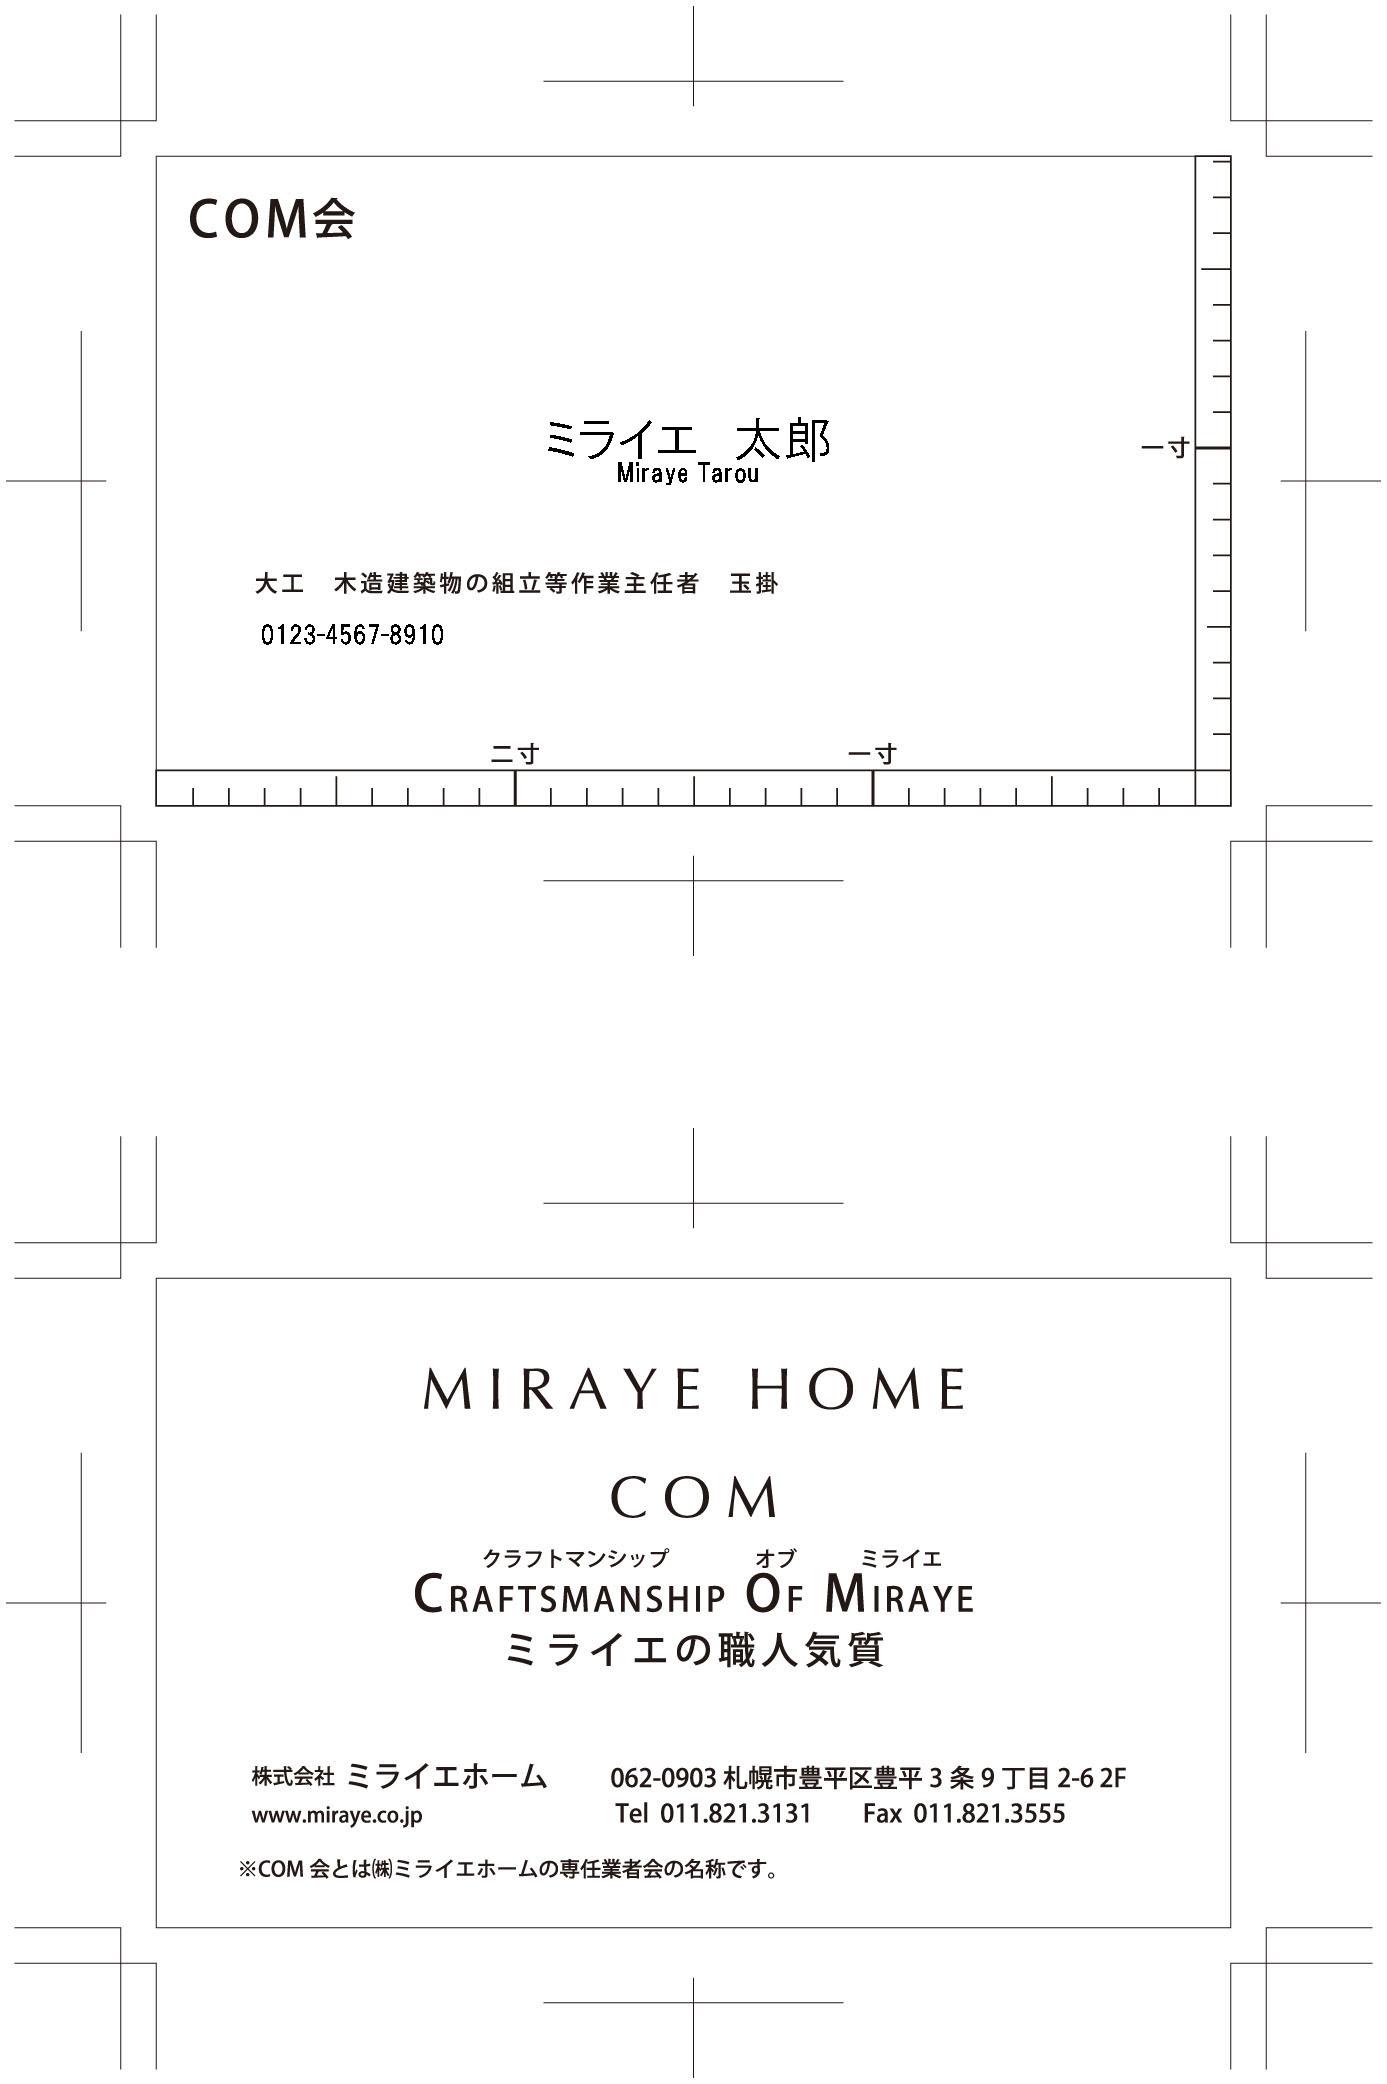 大工さんの名刺_e0172341_1443935.jpg